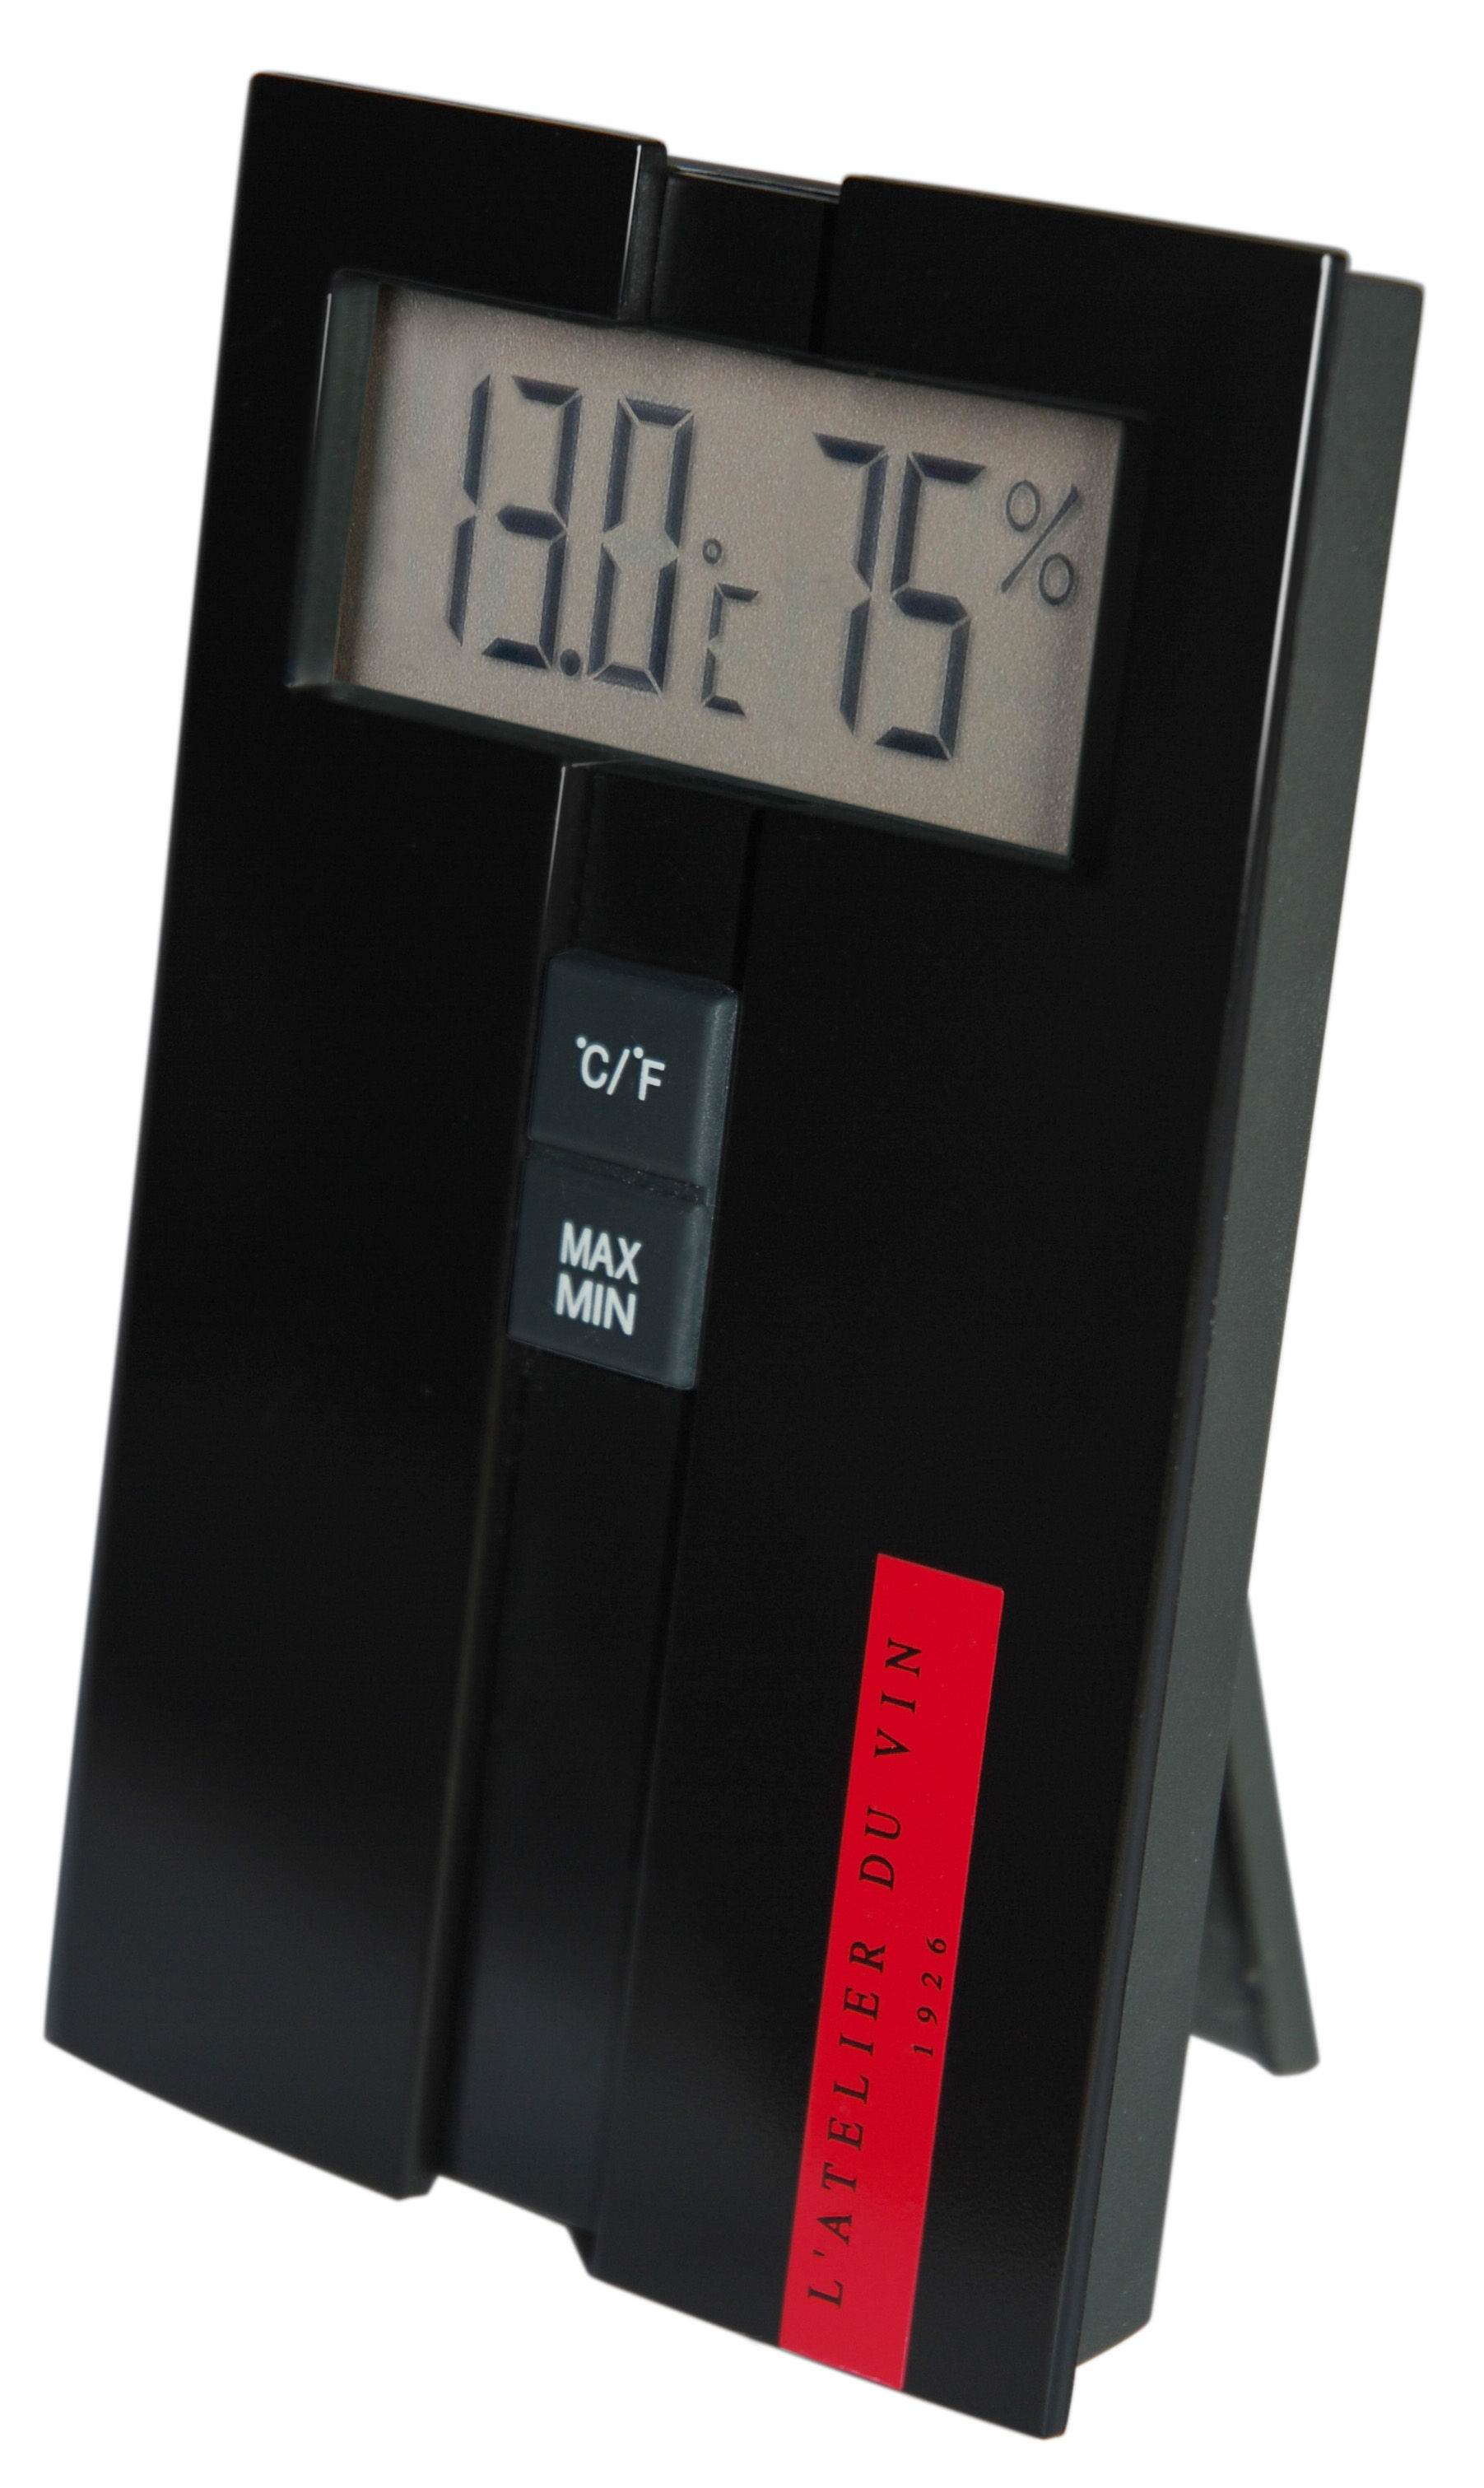 Accessoires - Objets connectés, accessoires high tech - Station digitale Hygro-Thermo mesure température et hygrométrie du vin - L'Atelier du Vin - Noir - Polycarbonate